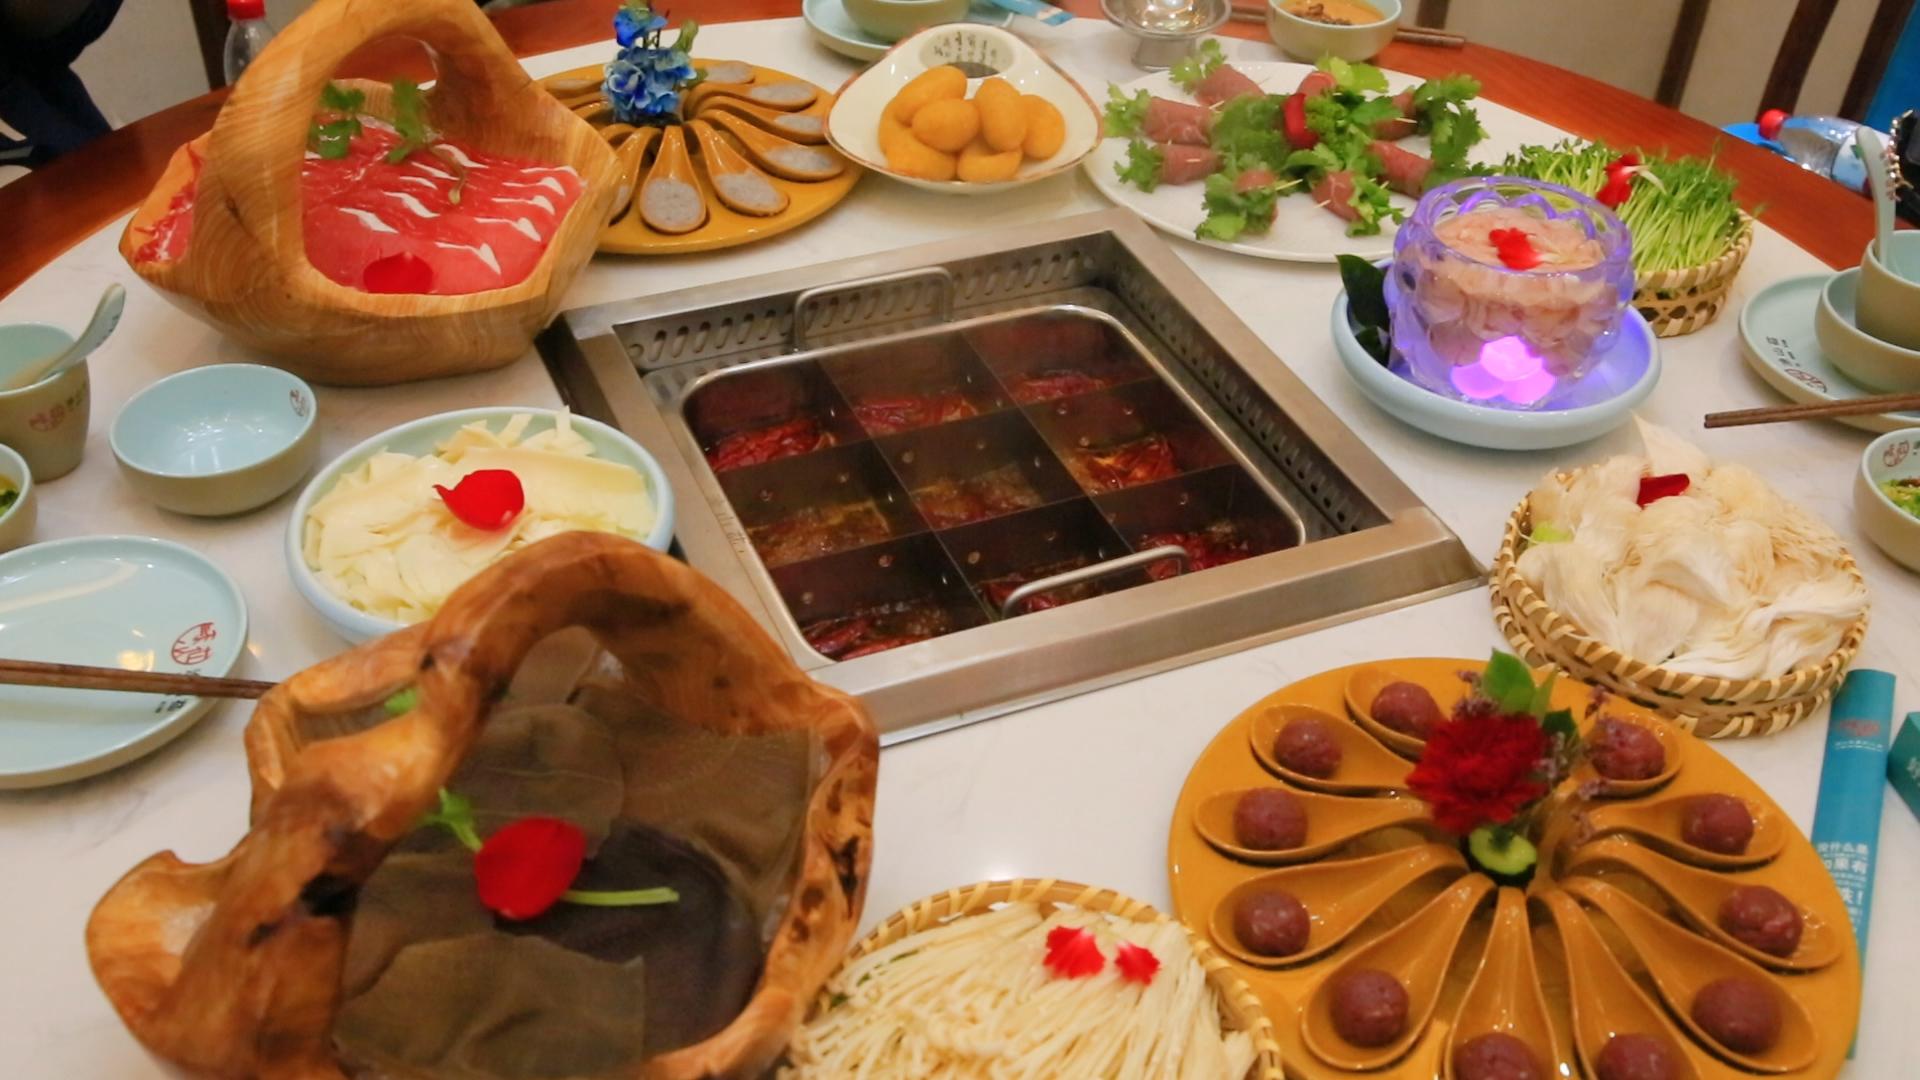 【郑州故事】涂山苮重庆火锅优质食材,还原天然美味